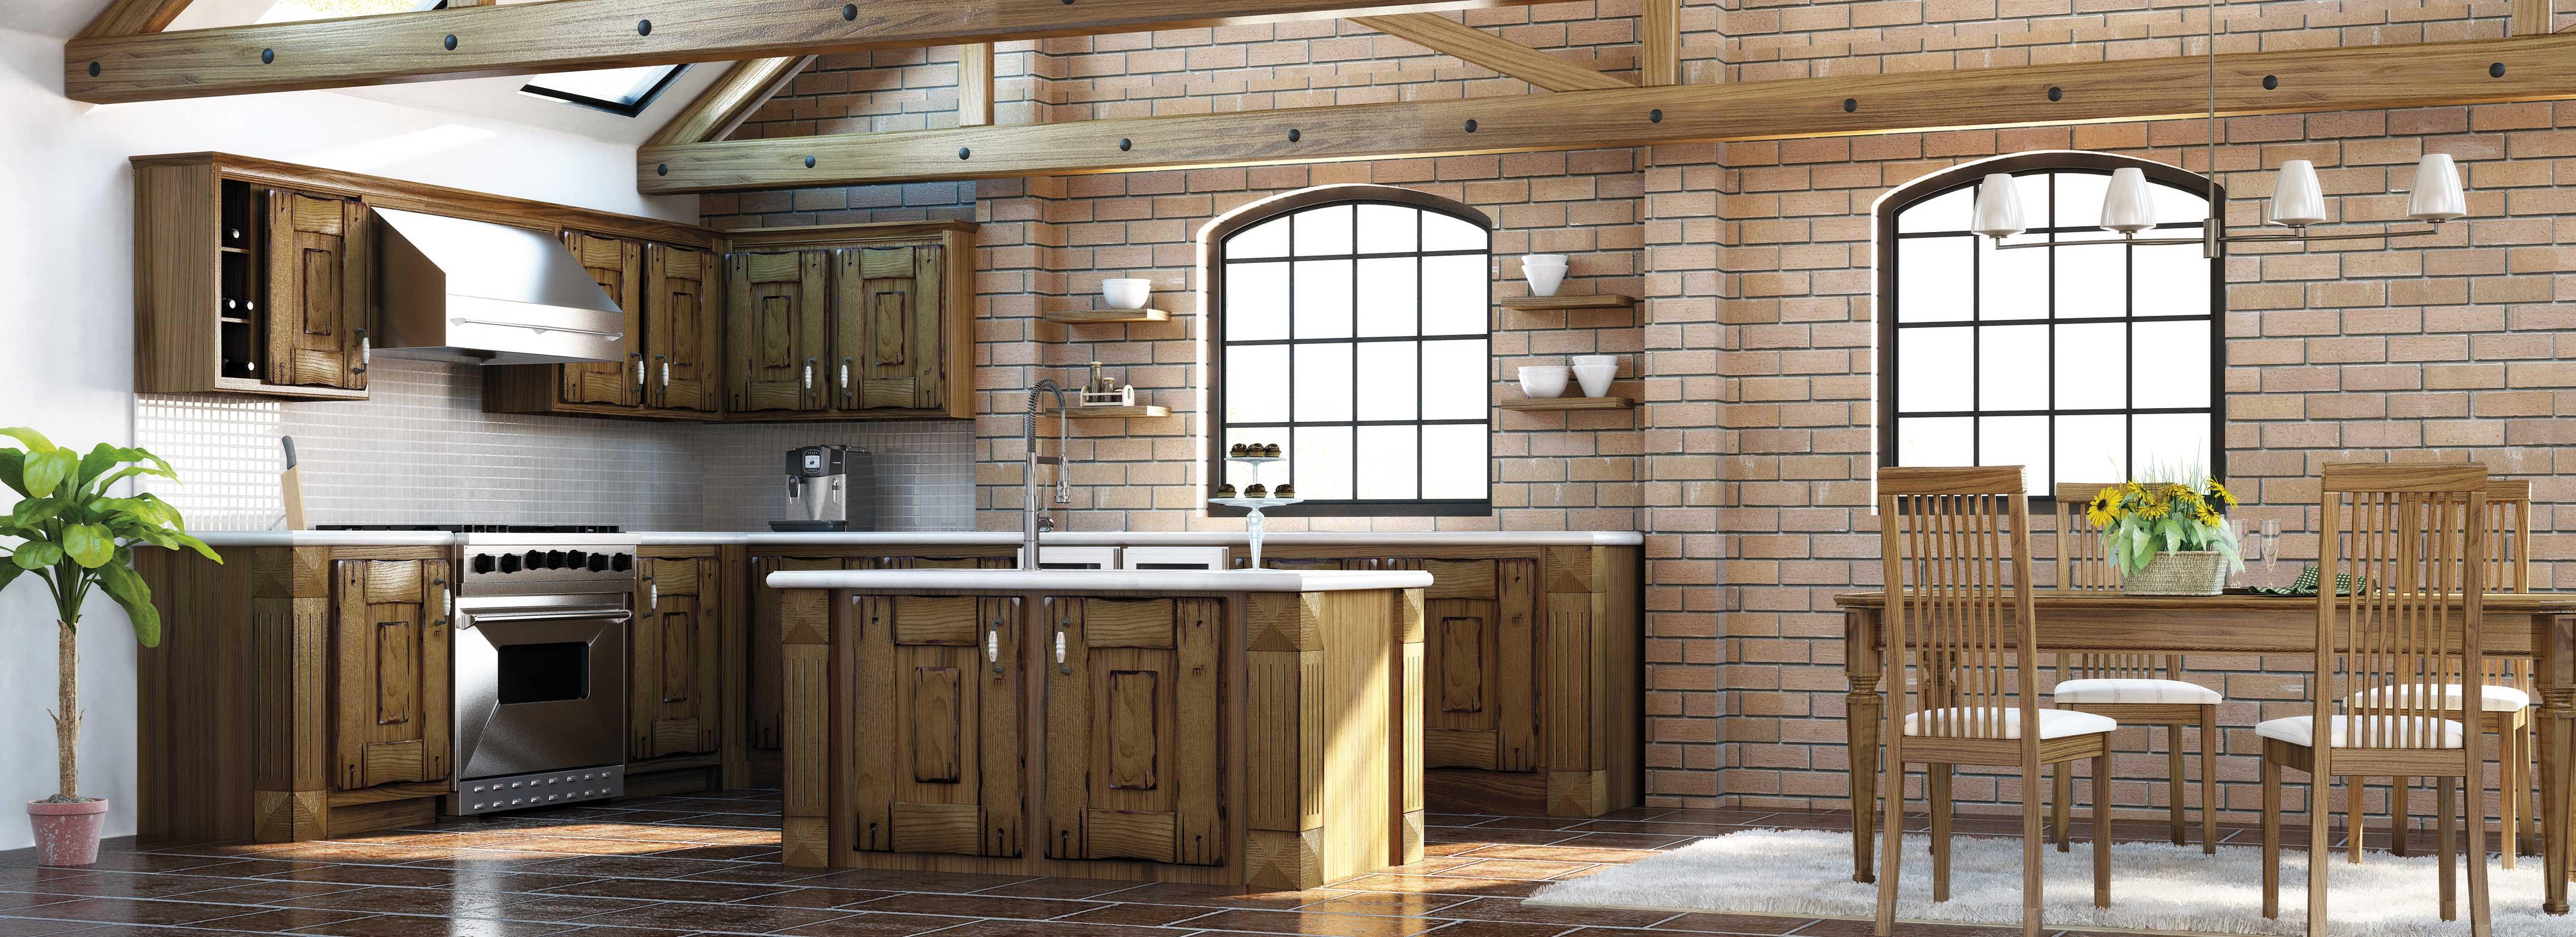 Cocinas decorador personaldecorador personal - Cuanto cuesta una cocina nueva ...